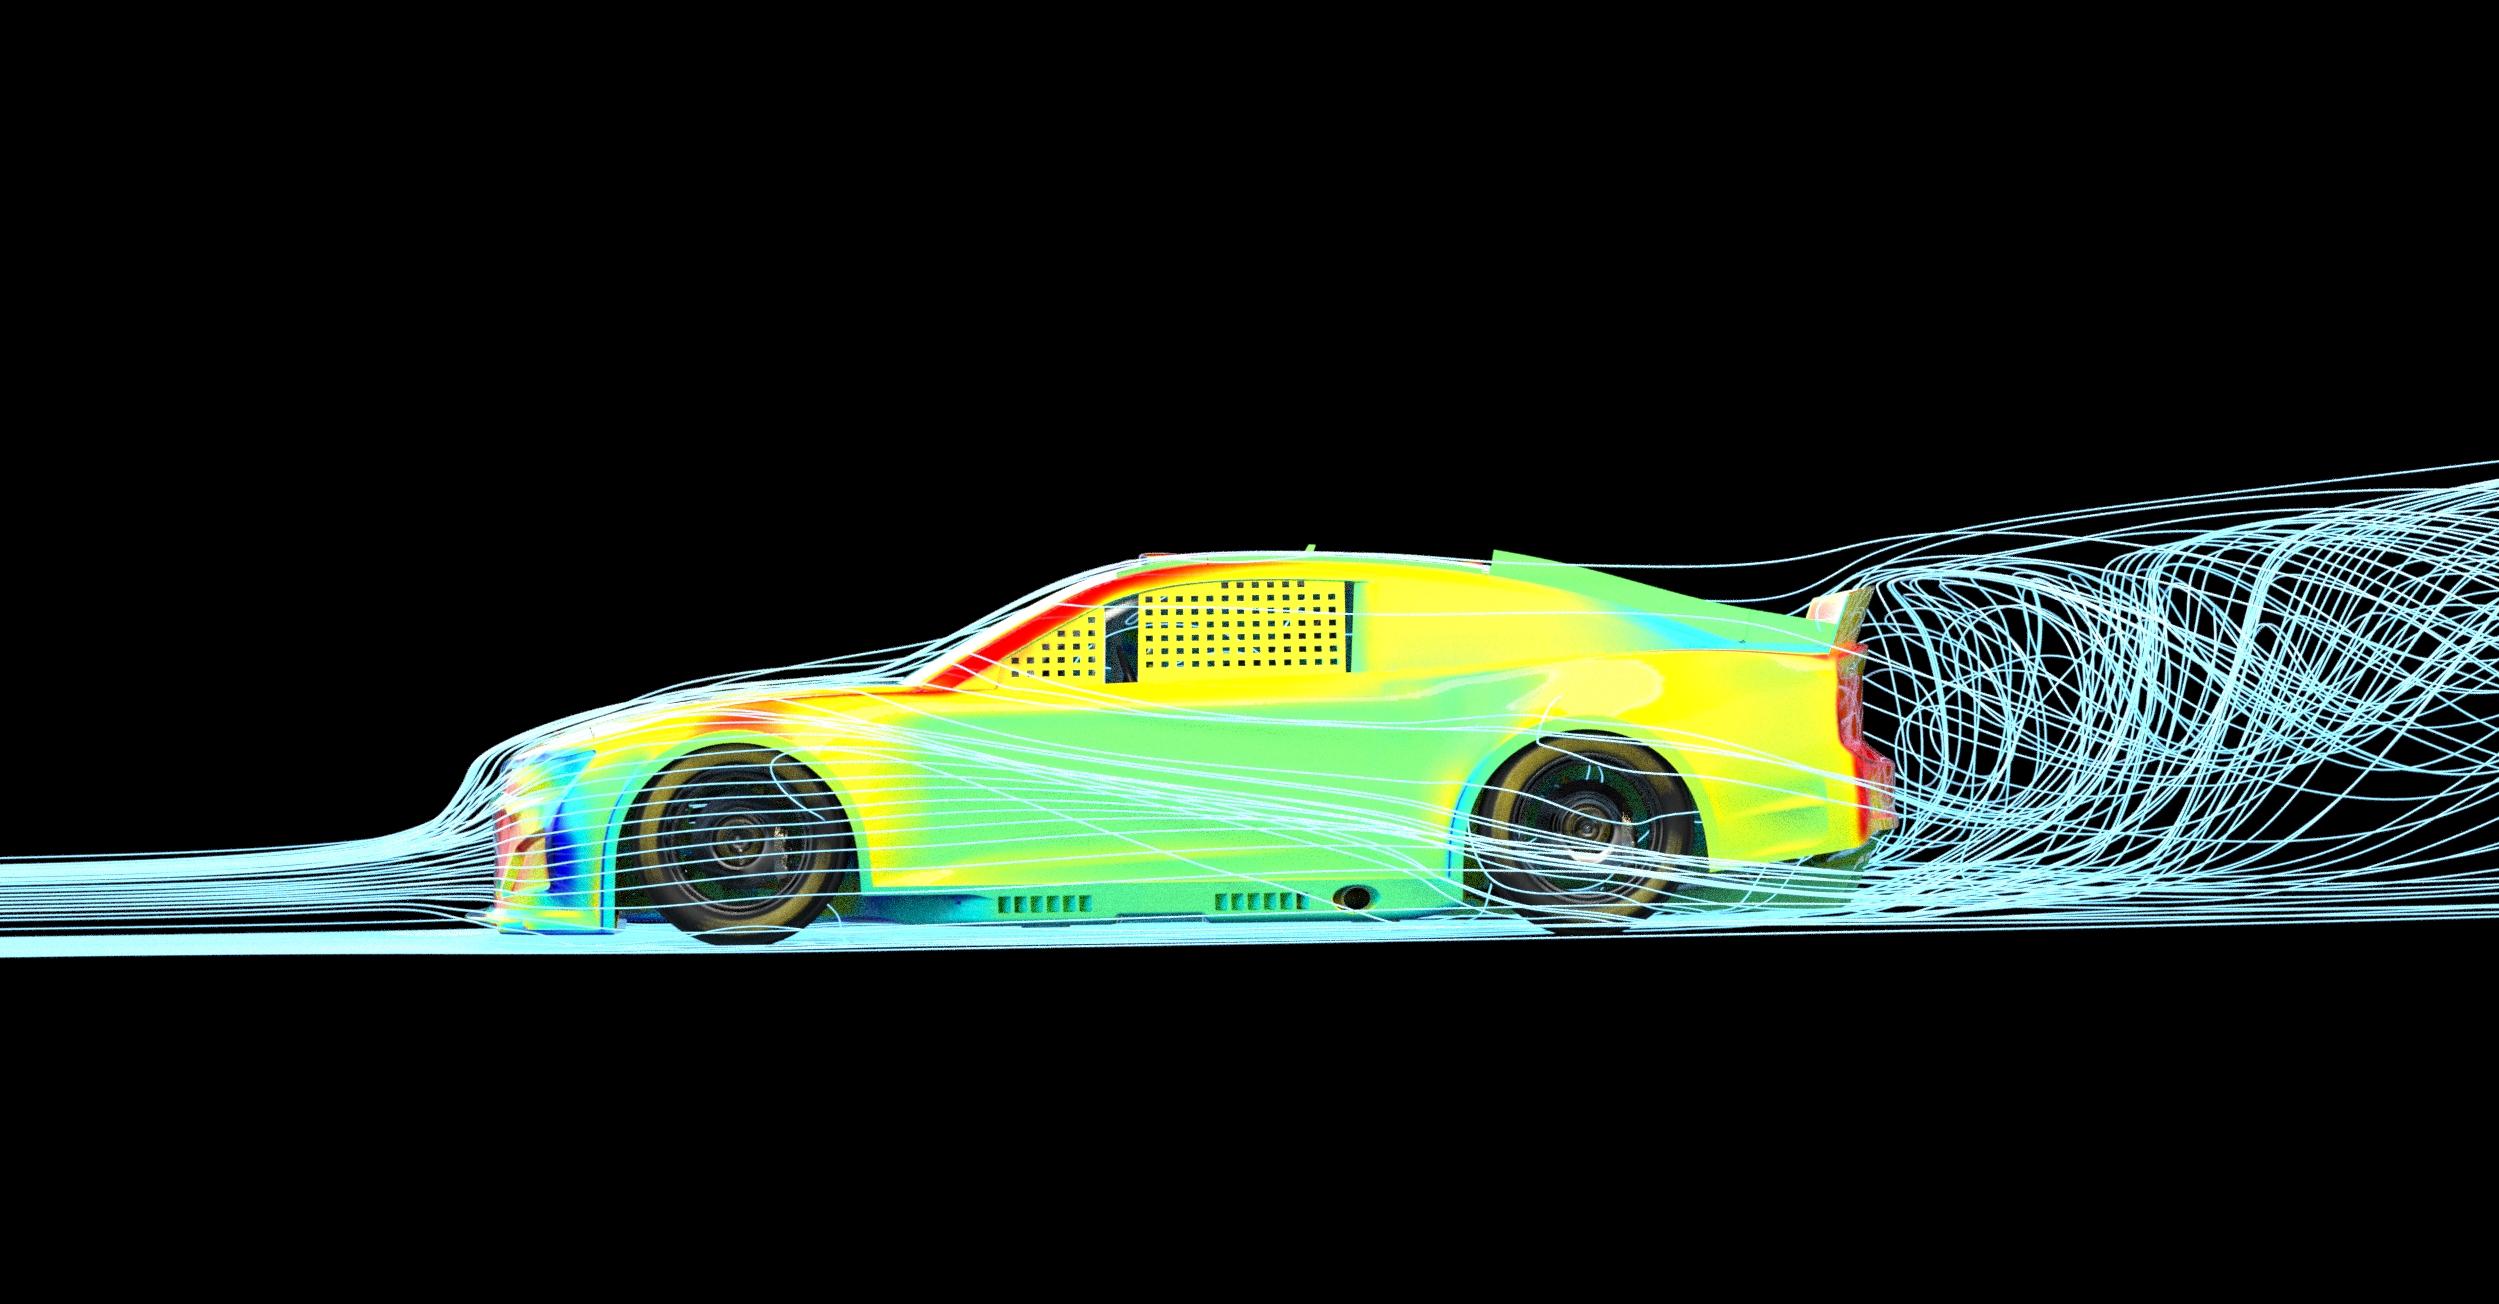 NASCAR Chevrolet Stock Car aero